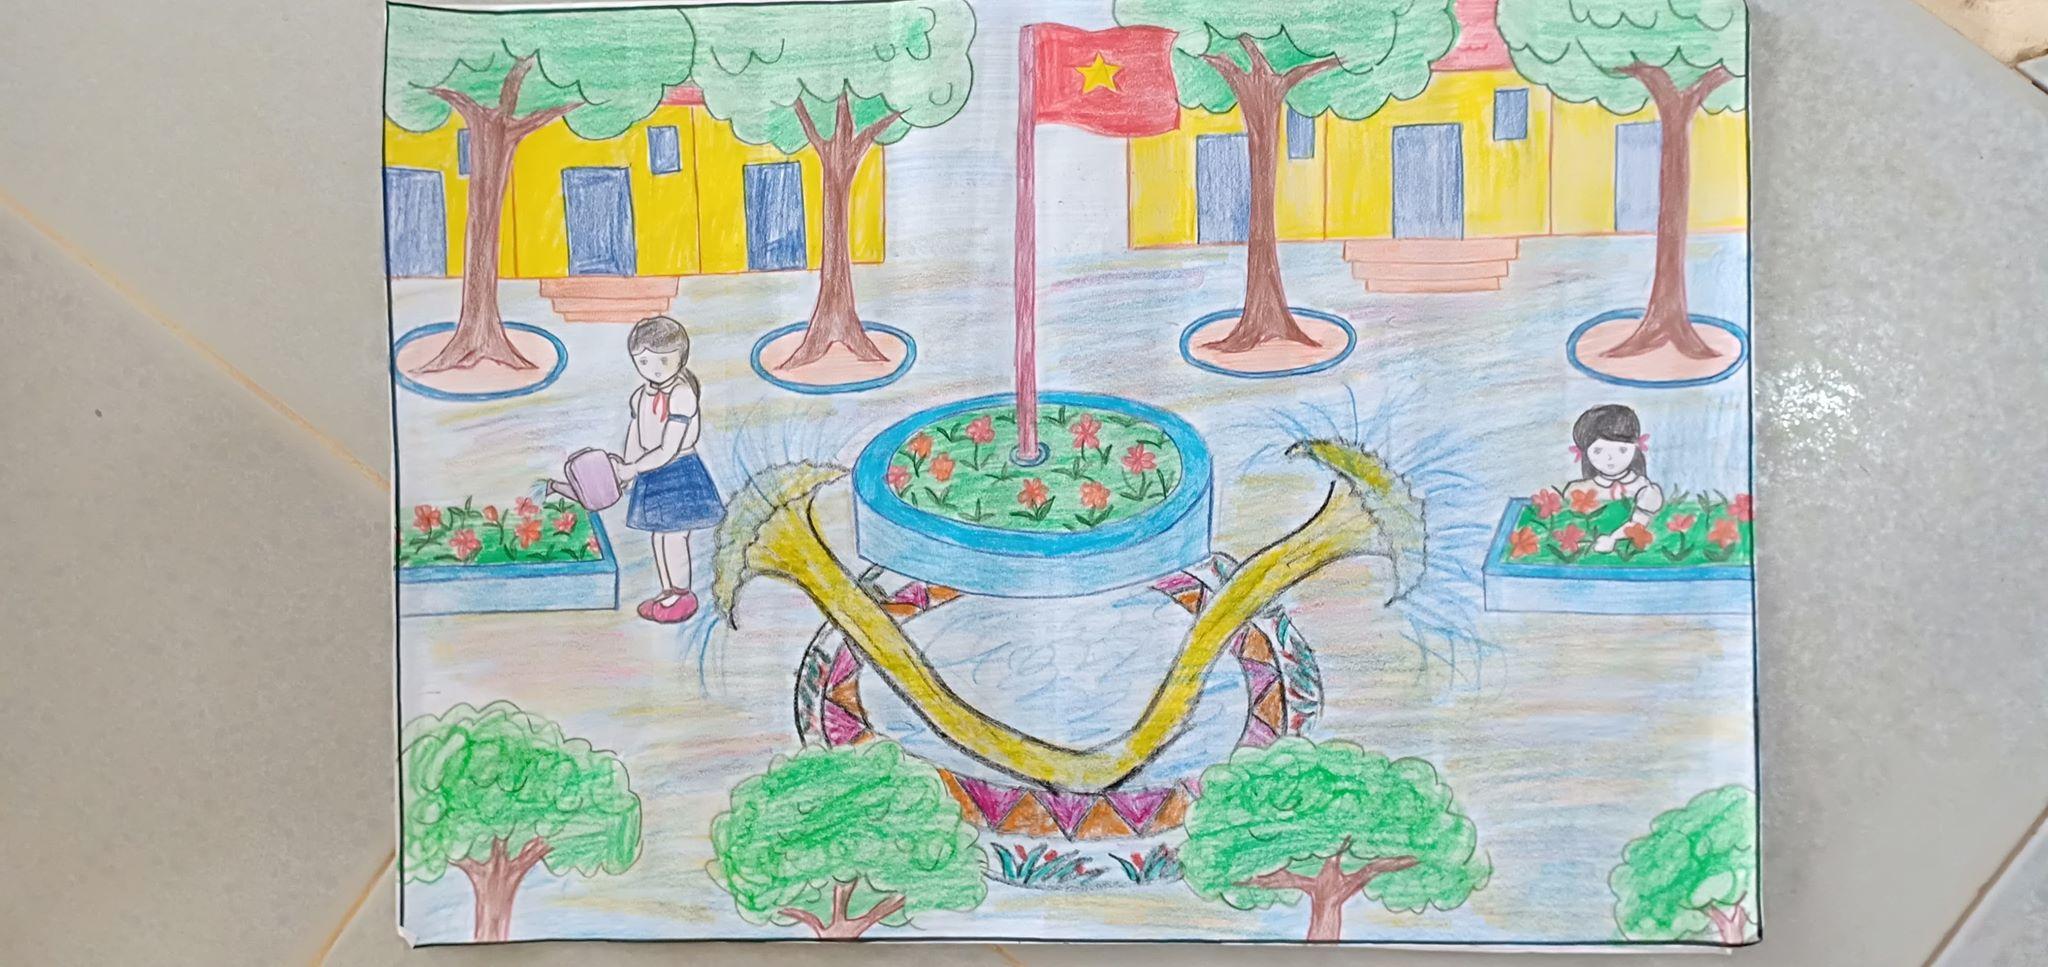 Tranh vẽ mái trường của học sinh cực đẹp